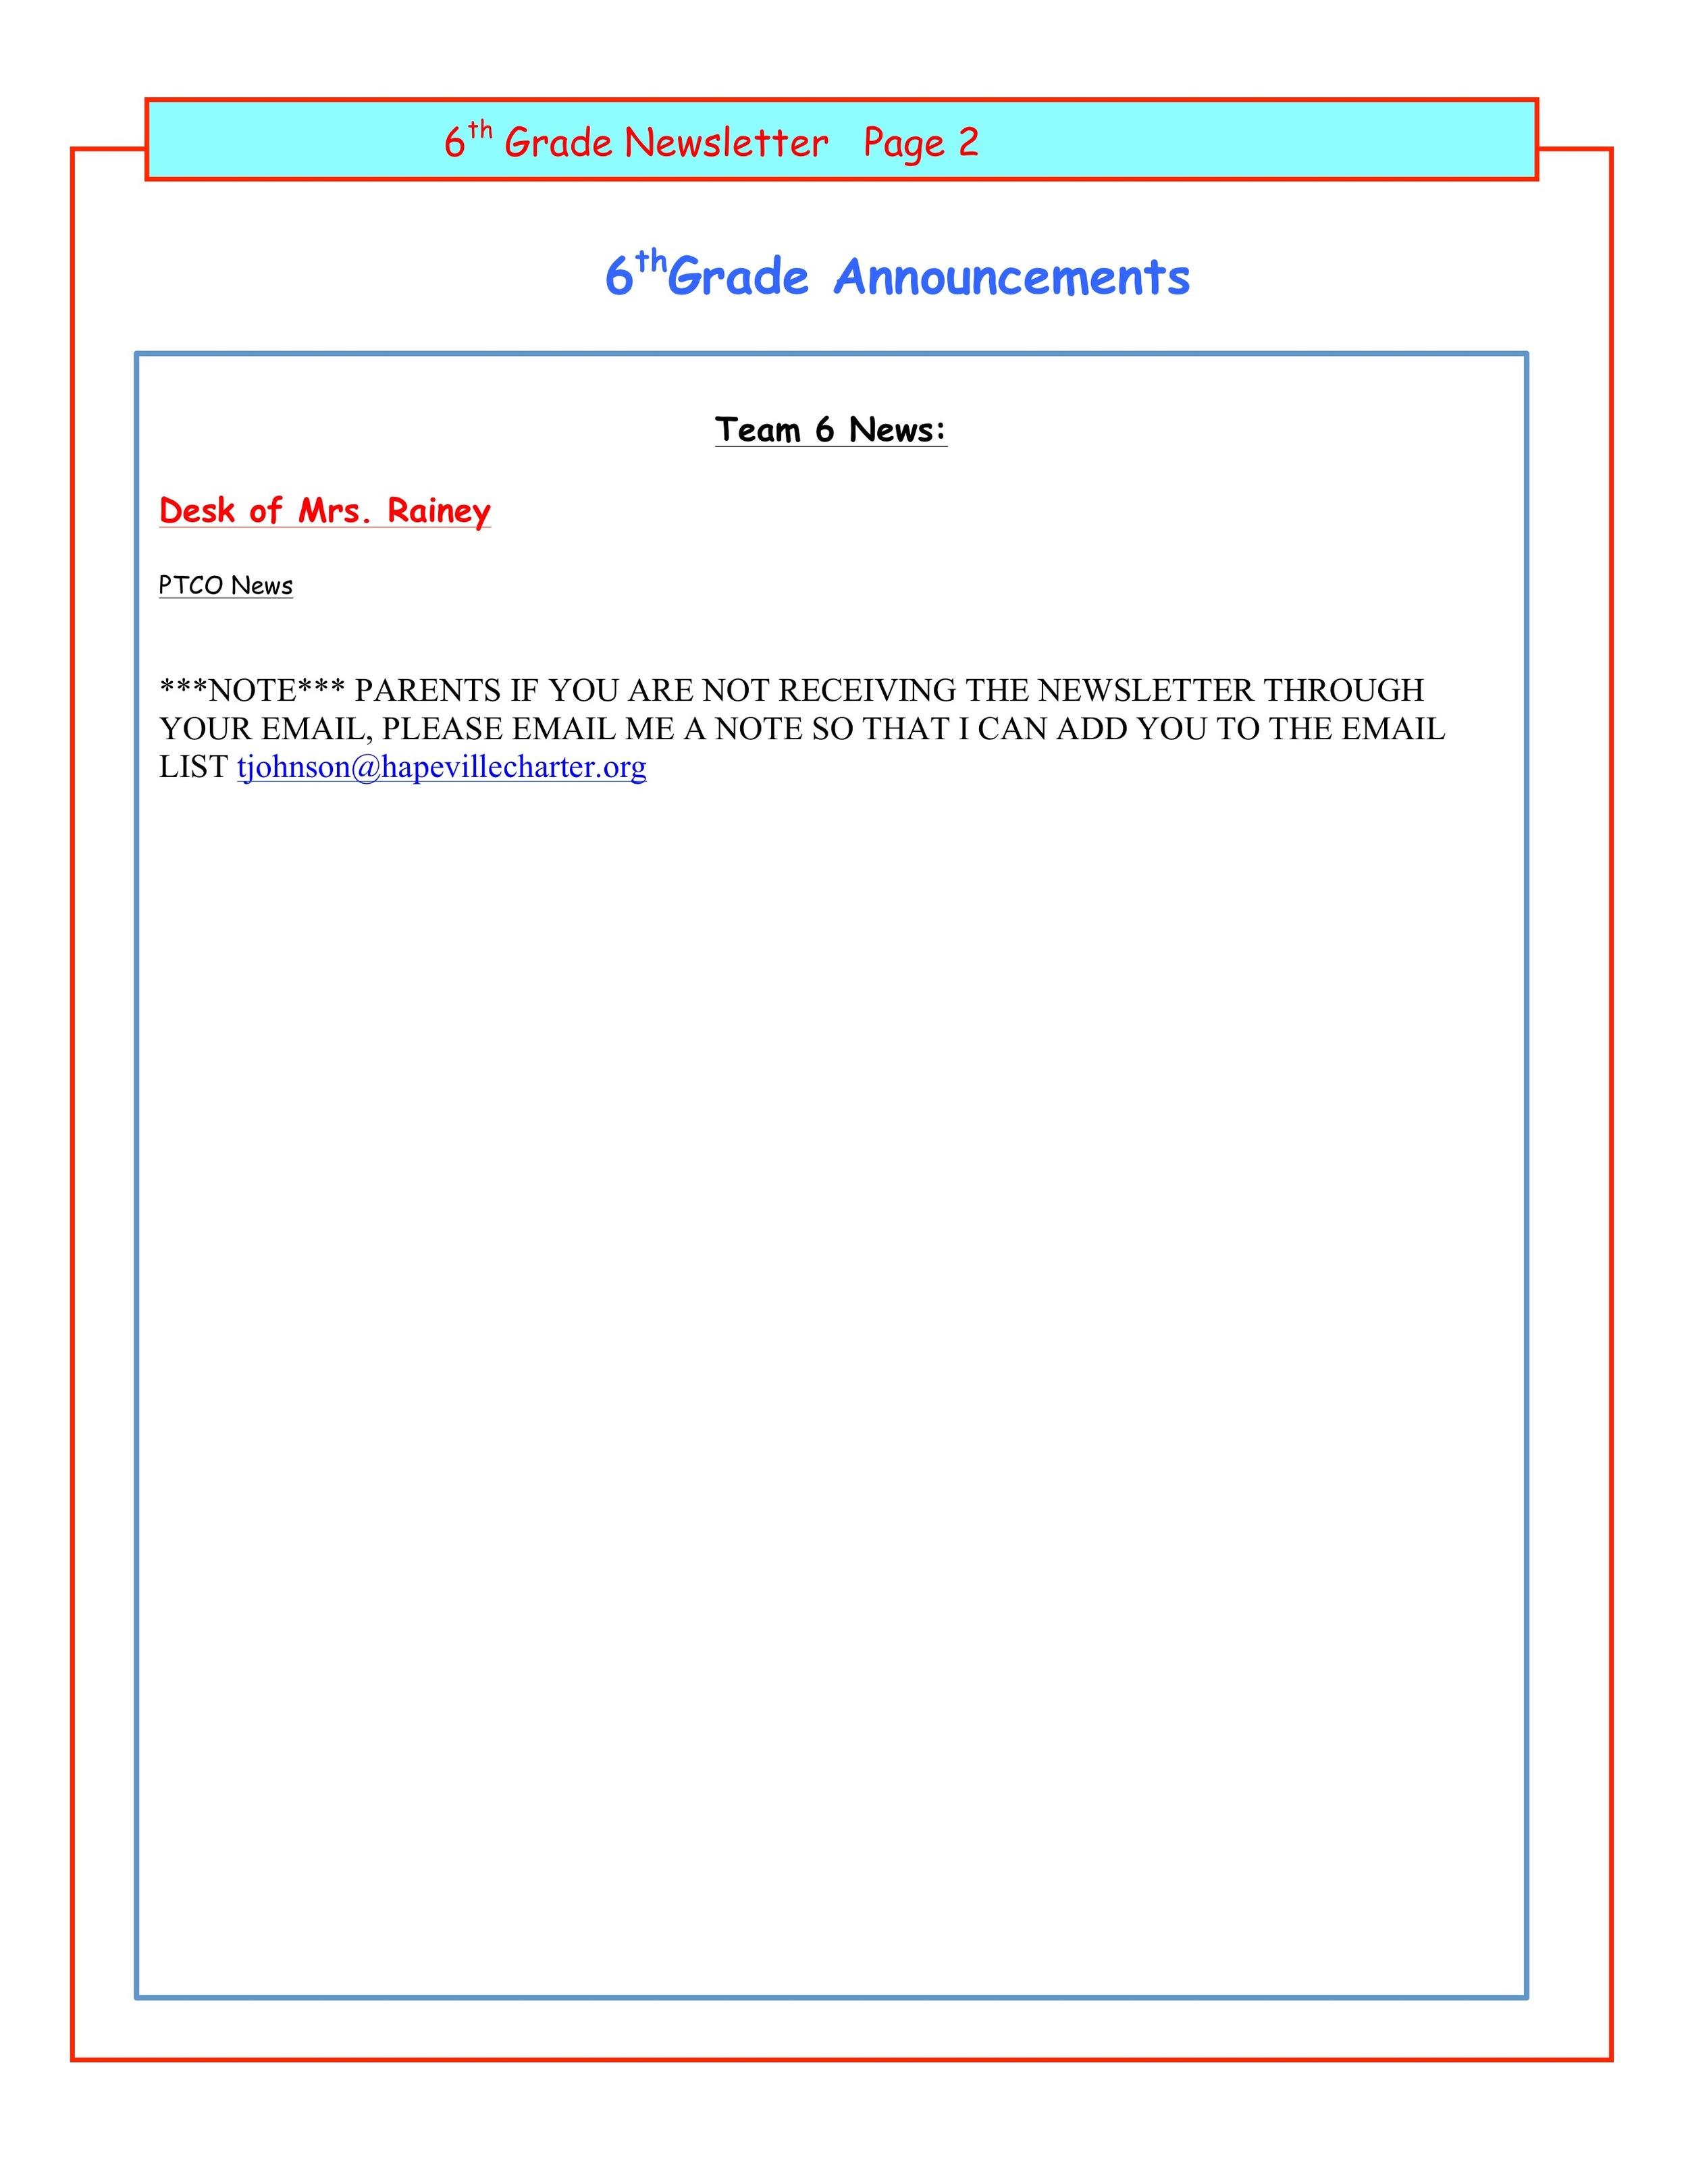 Newsletter Image6th Grade Newsletter 5.9.2016 2.jpeg